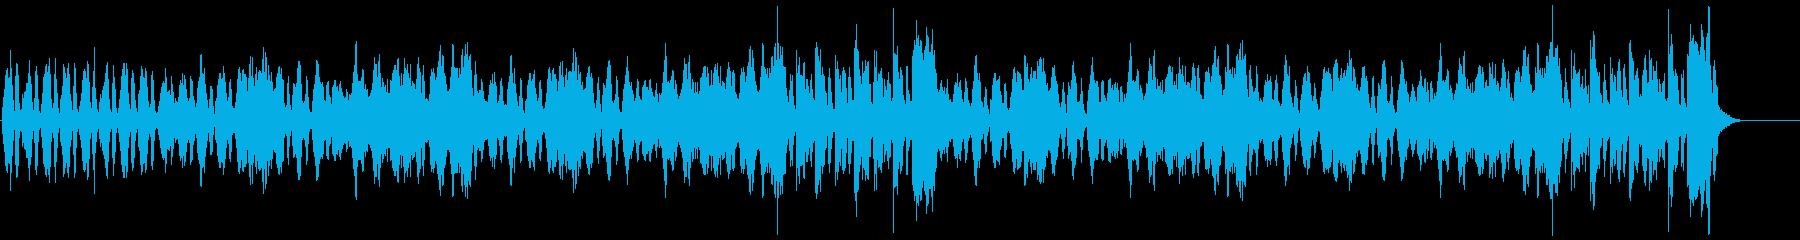 コミカルなワルツの再生済みの波形